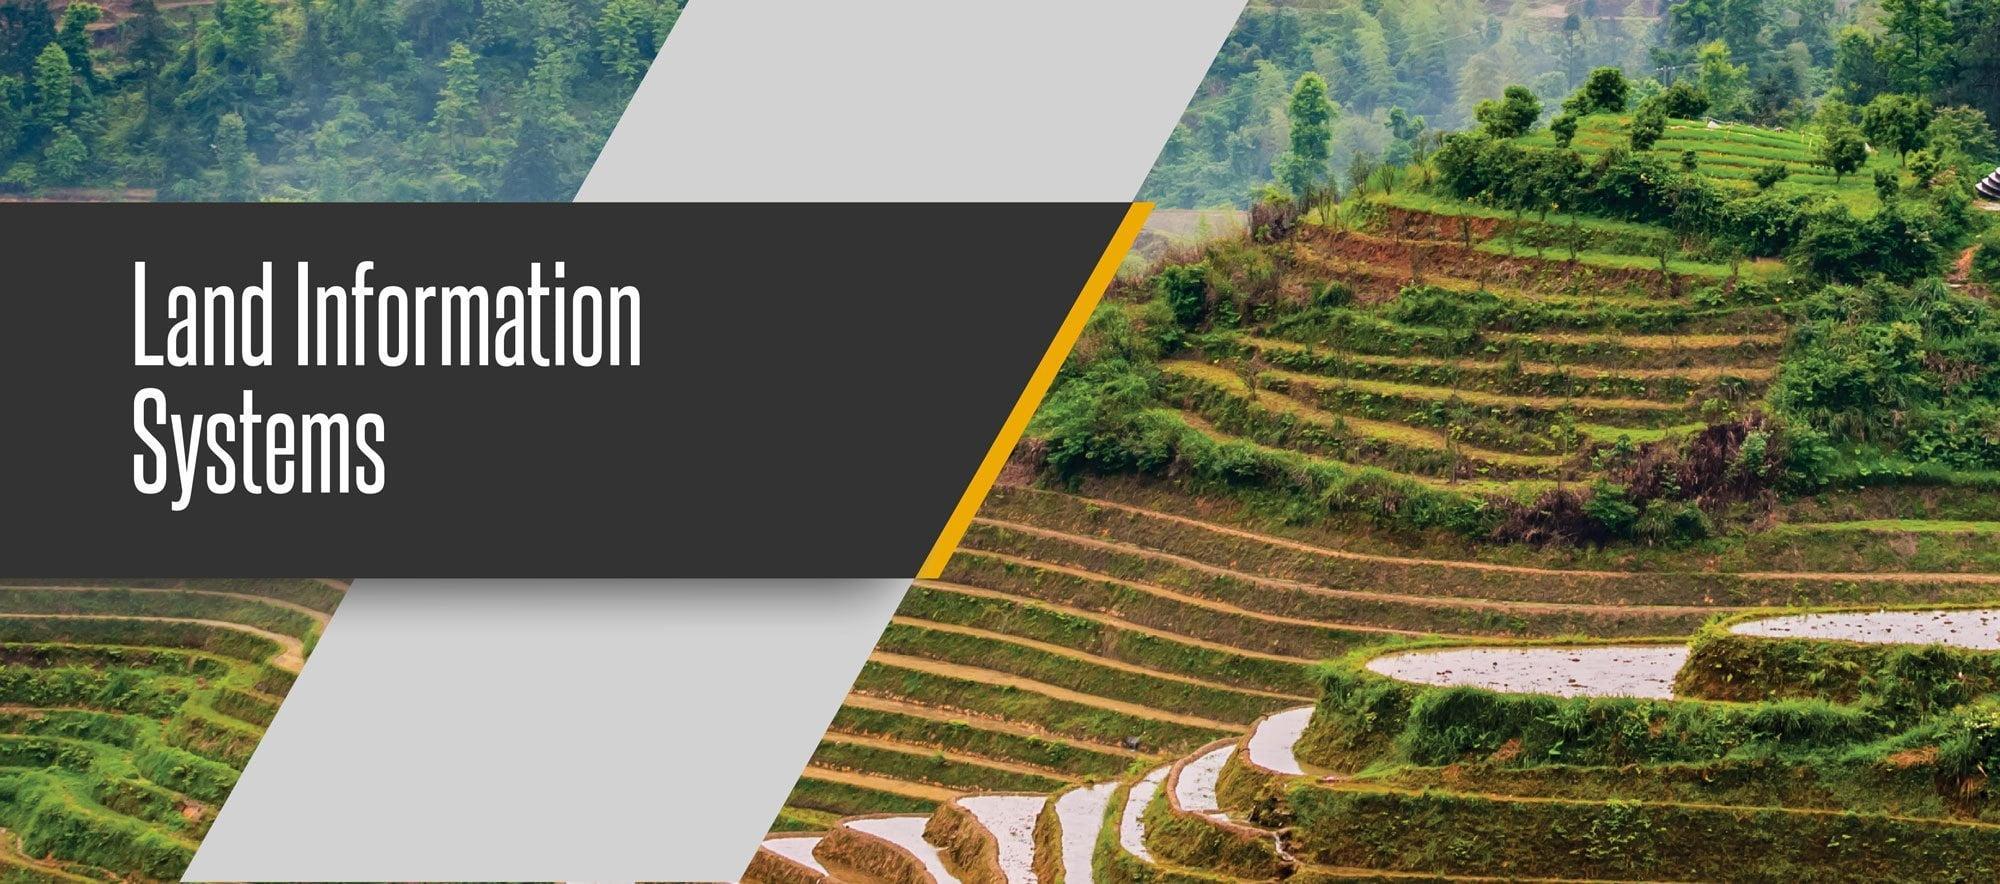 Land Information Management System - meu solutions